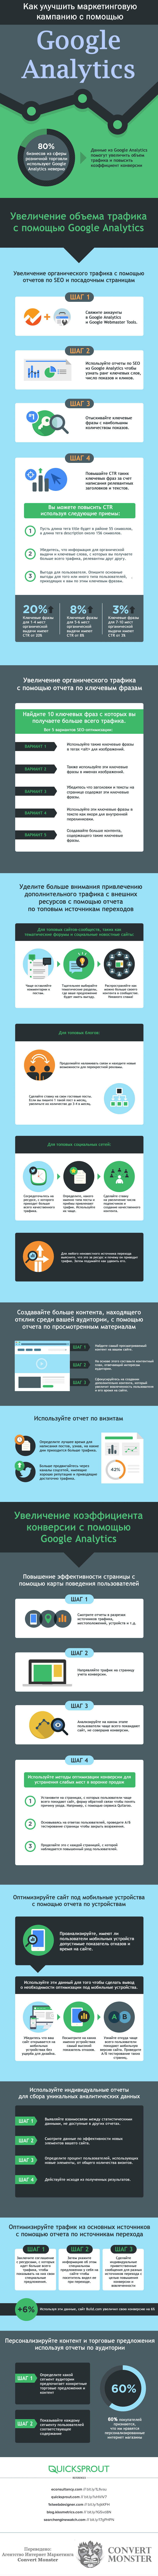 Как улучшить маркетинговую кампанию с помощью Google Analytics  Инфографика про контент-маркетинг с Google Analytics